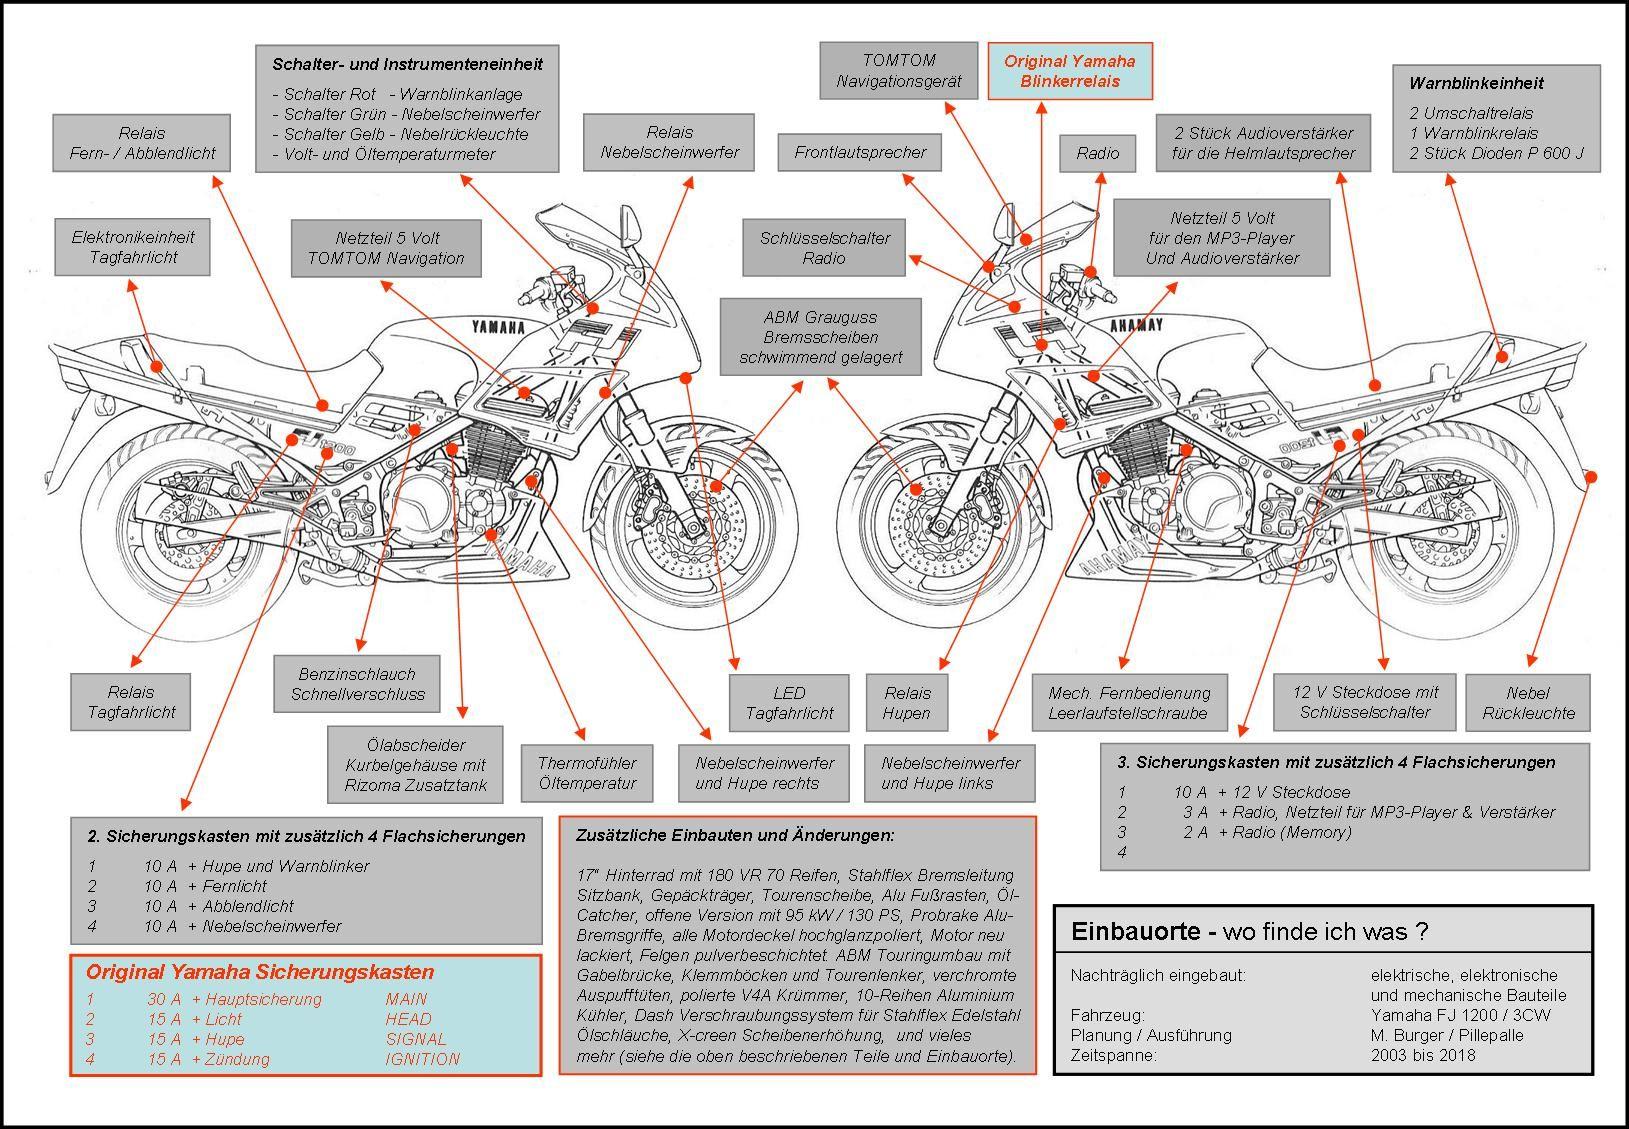 Beste 2008 R1 Kabelbaum Diagramm Fotos - Verdrahtungsideen - korsmi.info